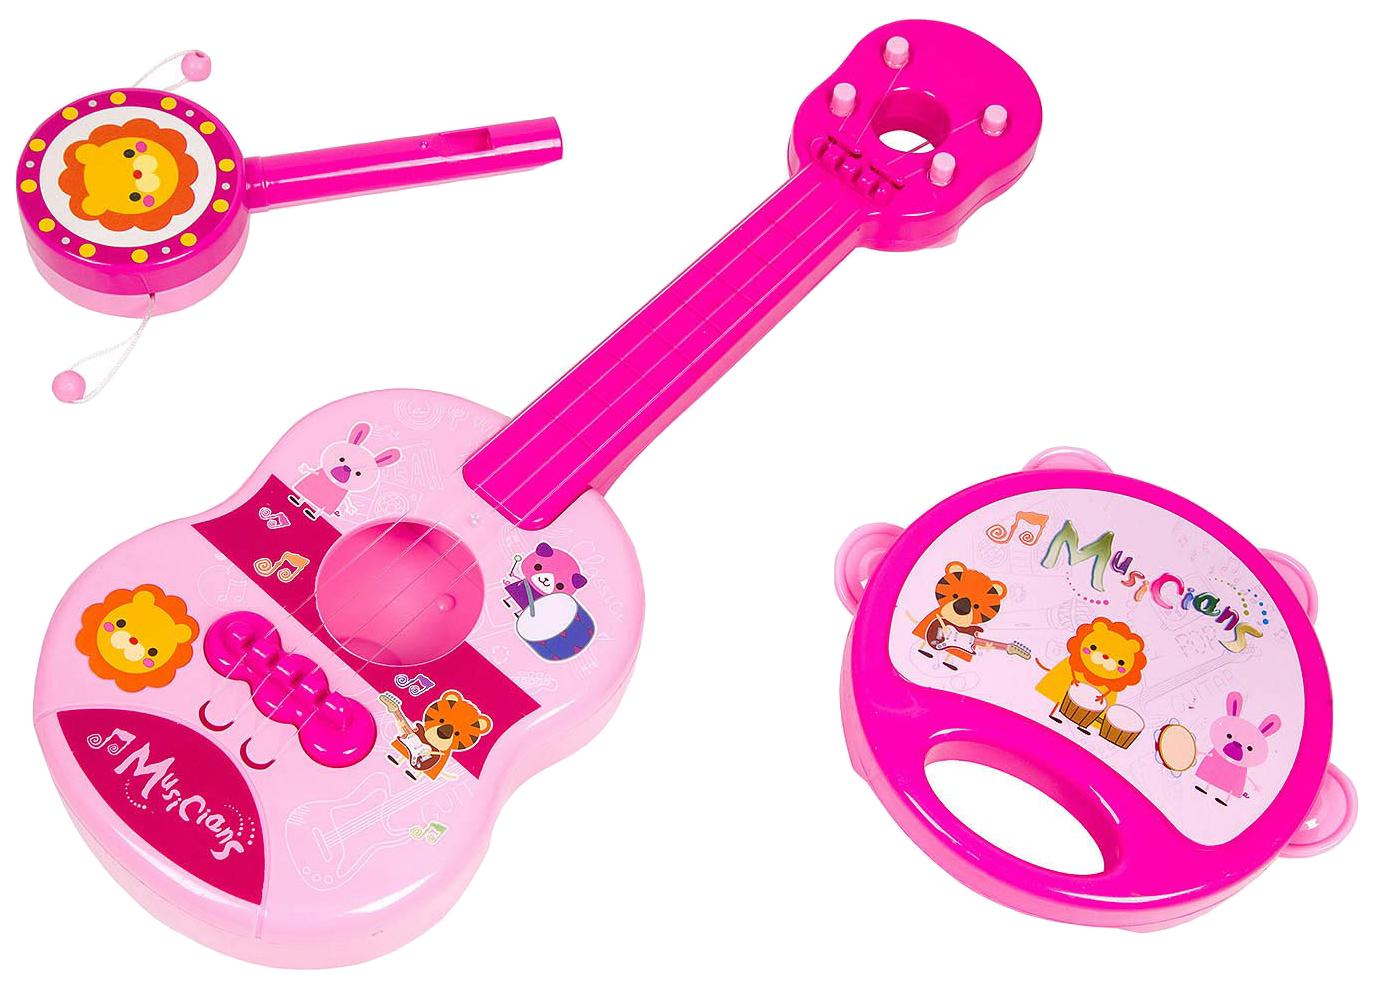 Купить Набор музык. инструментов 3 предмета, серия Моей малышке, PAC 24х26 см, арт.M7663-8., Yako Toys, Детские музыкальные инструменты